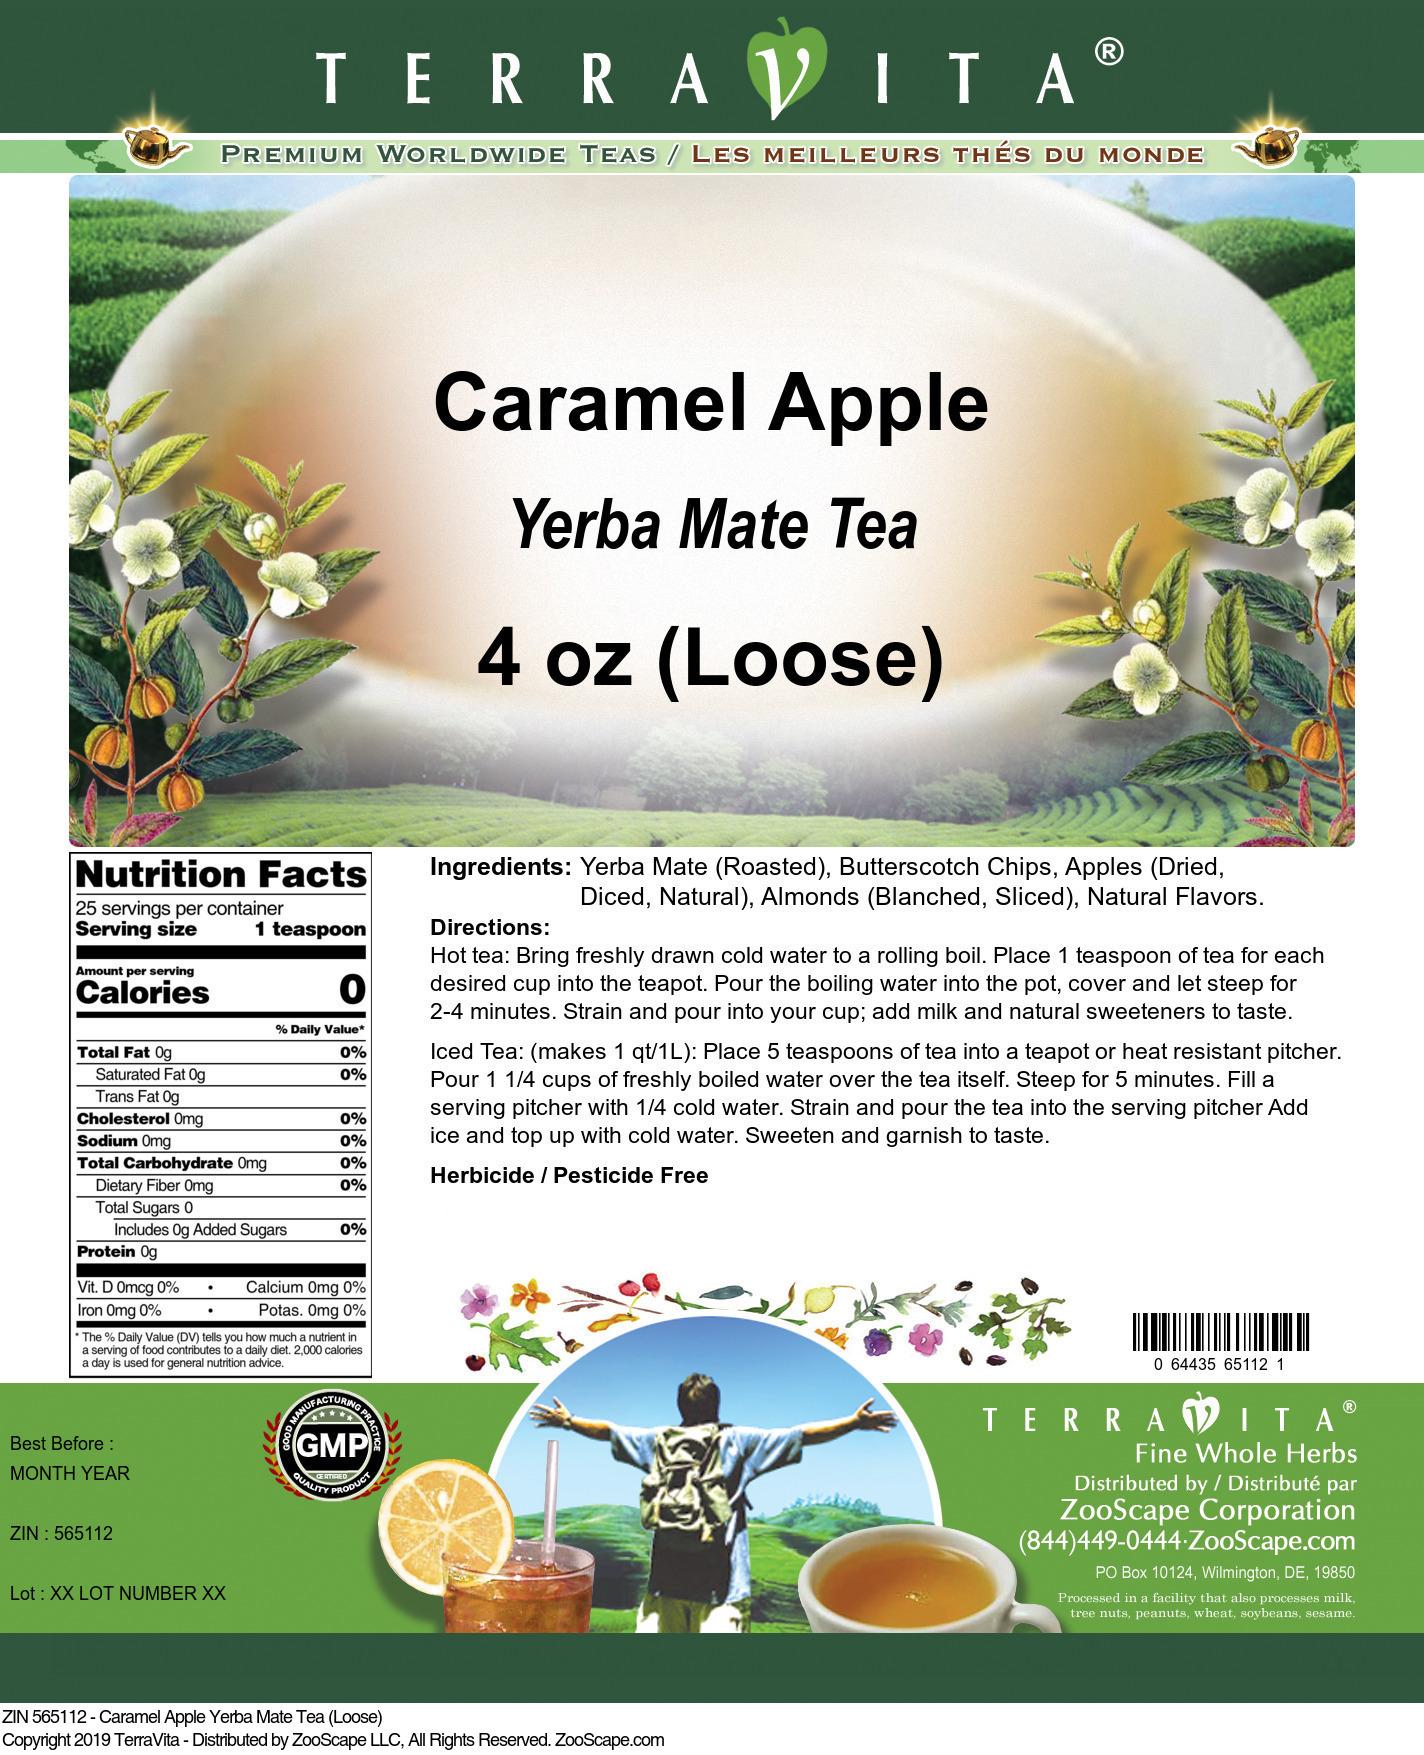 Caramel Apple Yerba Mate